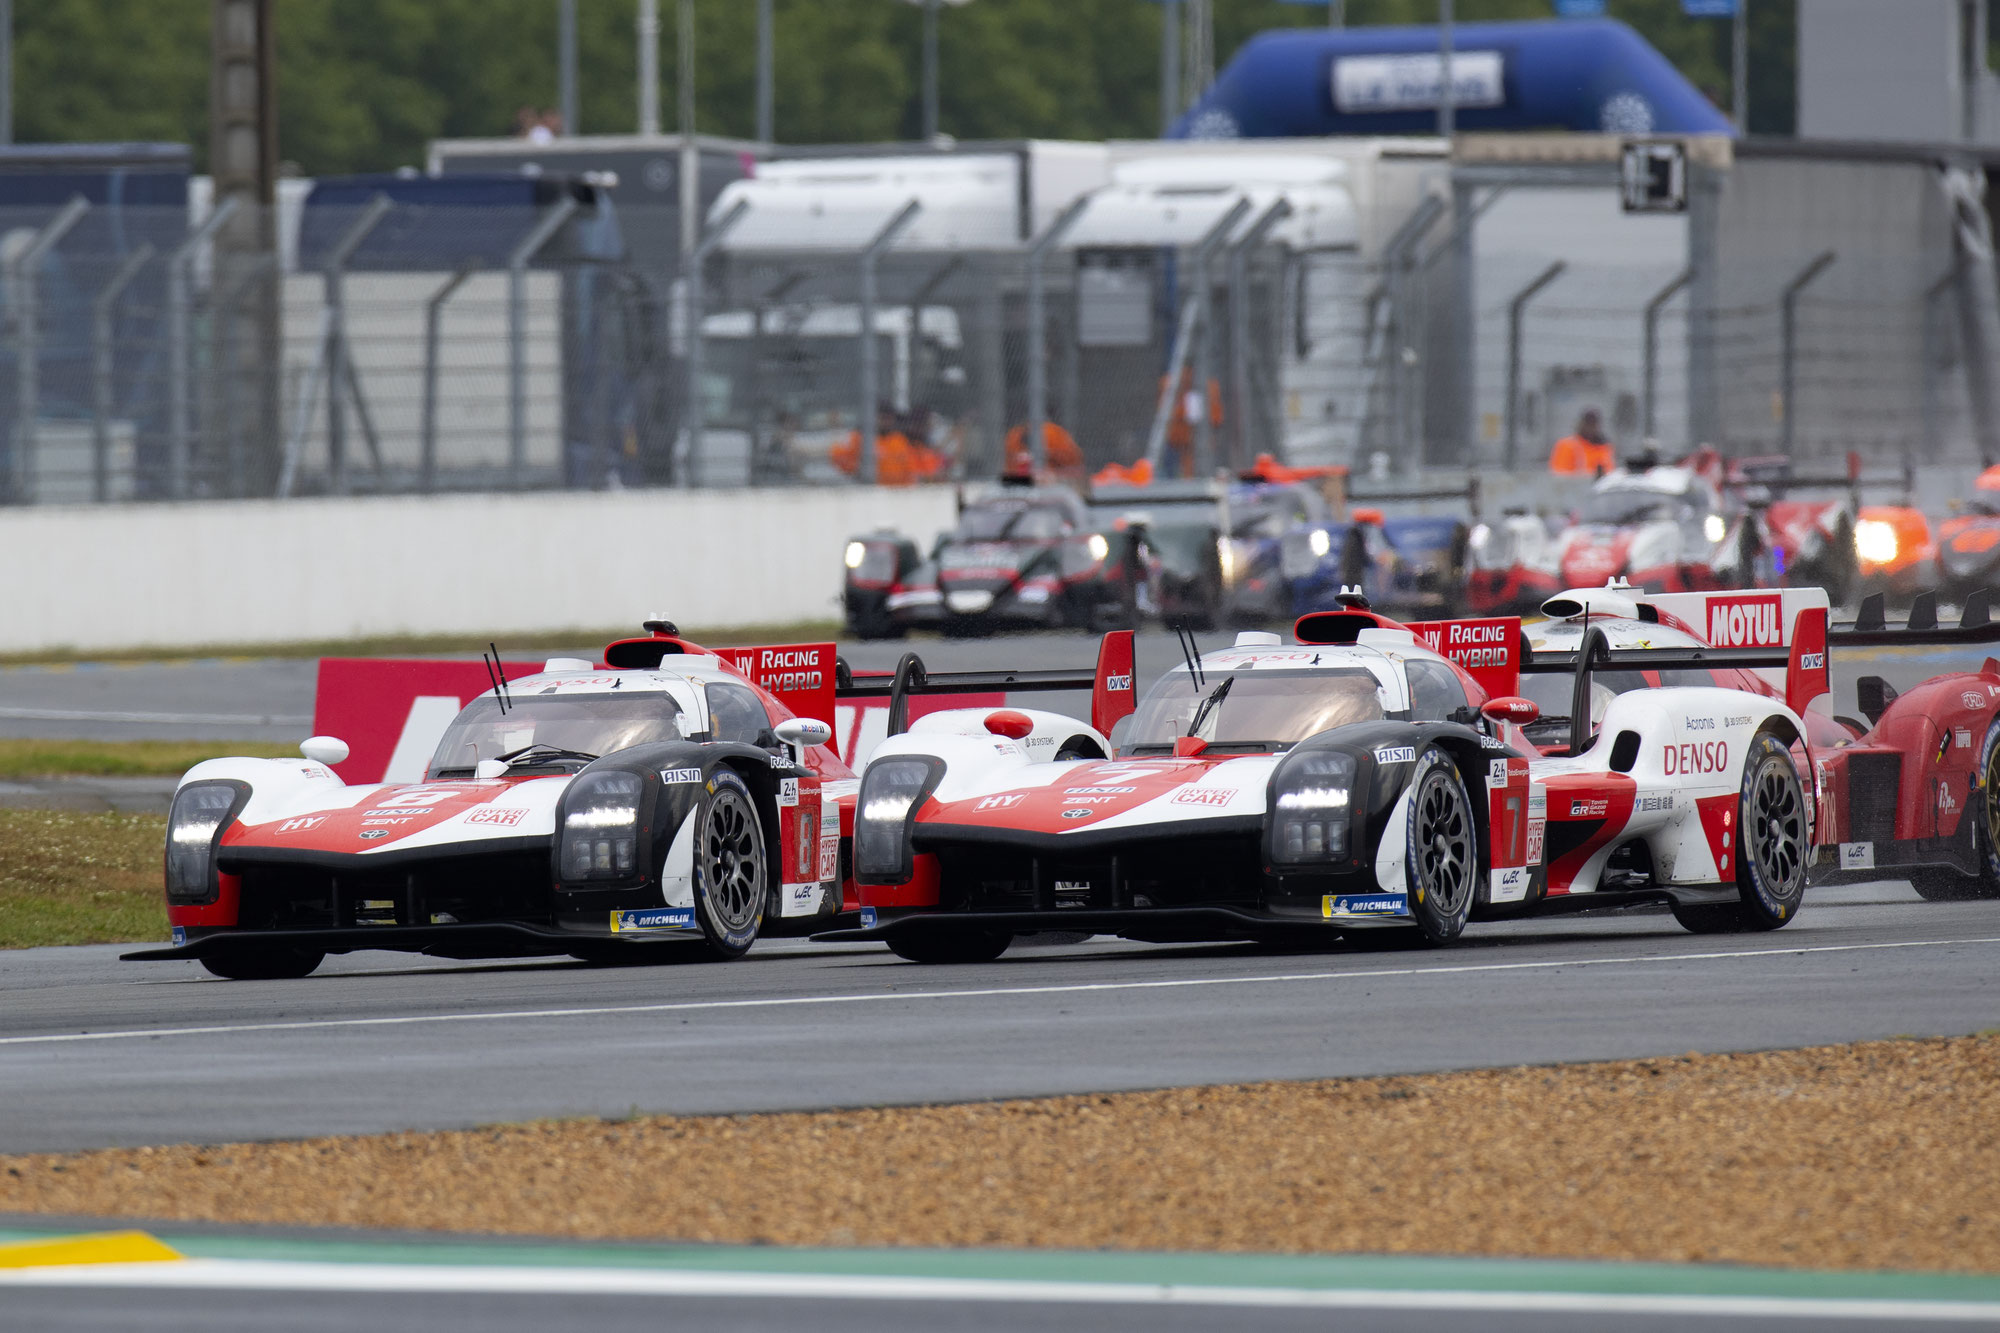 LM24 1-Stunden-Bericht: Toyota Nr. 7 führt das Feld an